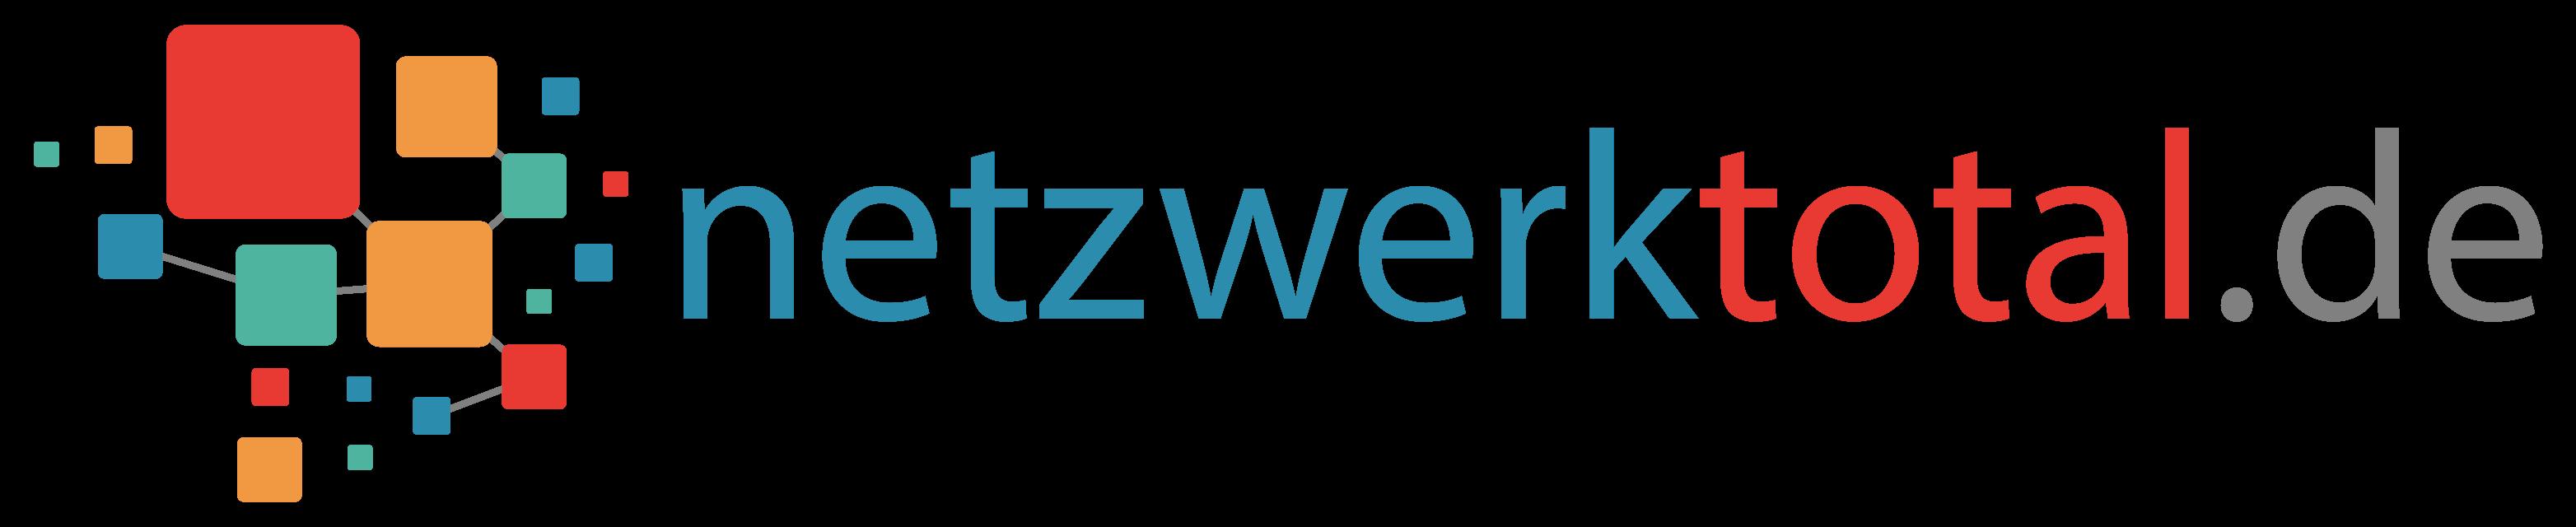 netzwerktotal-logo